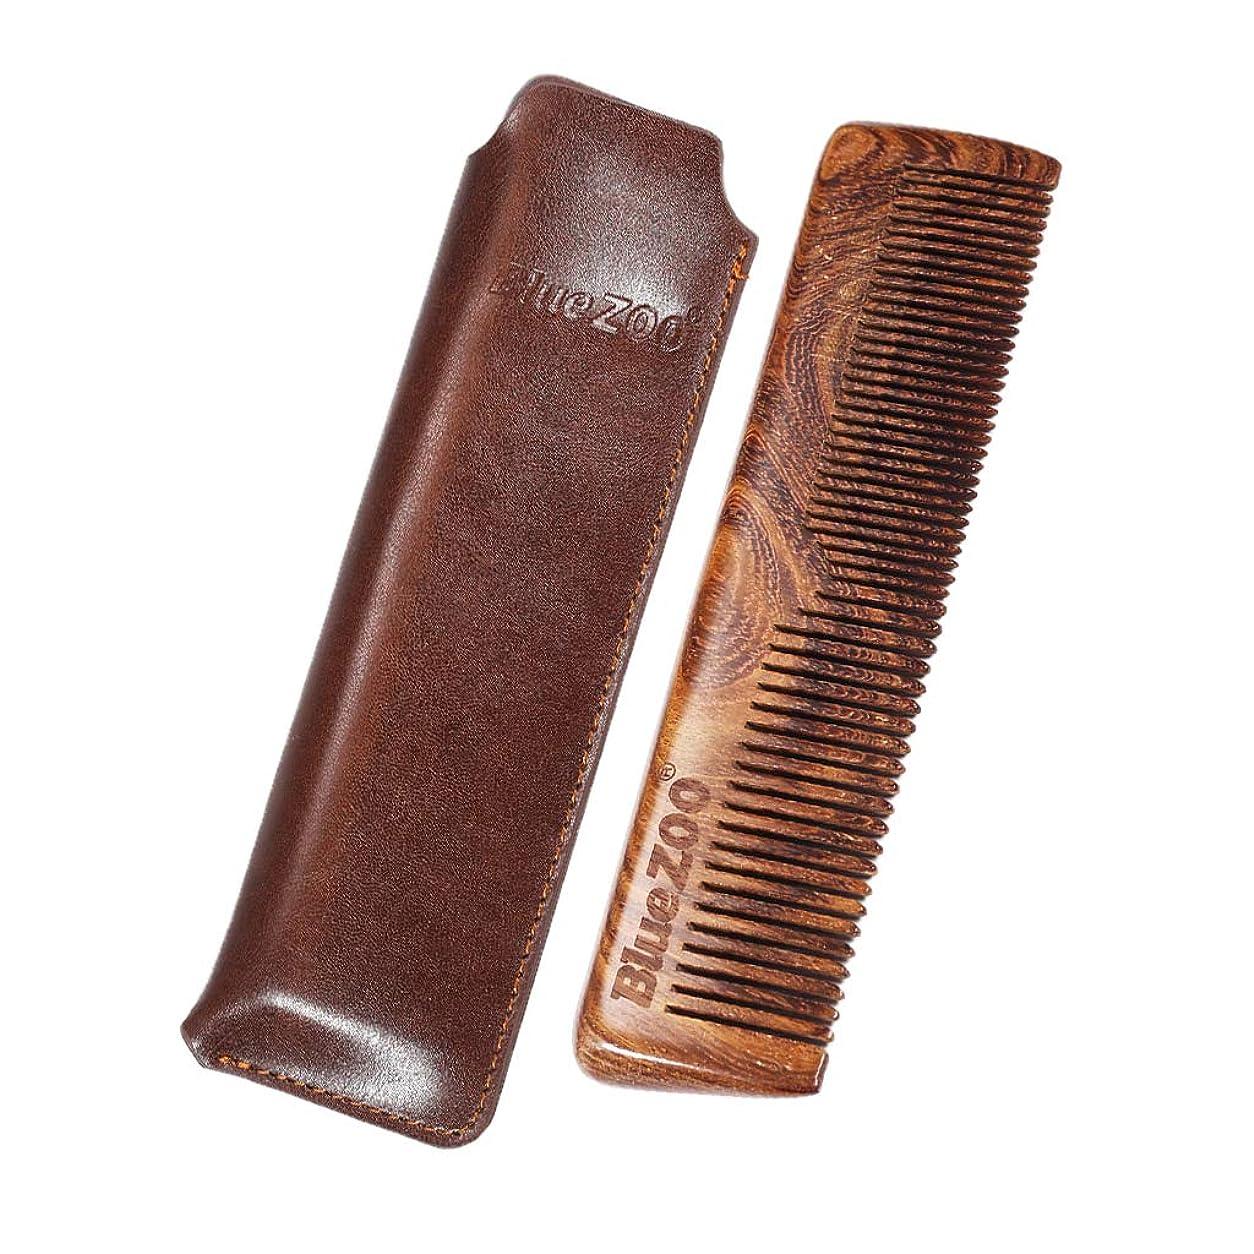 インド咽頭頼るB Blesiya ウッド 櫛 静電気防止櫛 ひげ櫛 収納バッグ メンズ プレゼント 2色選べ - 褐色